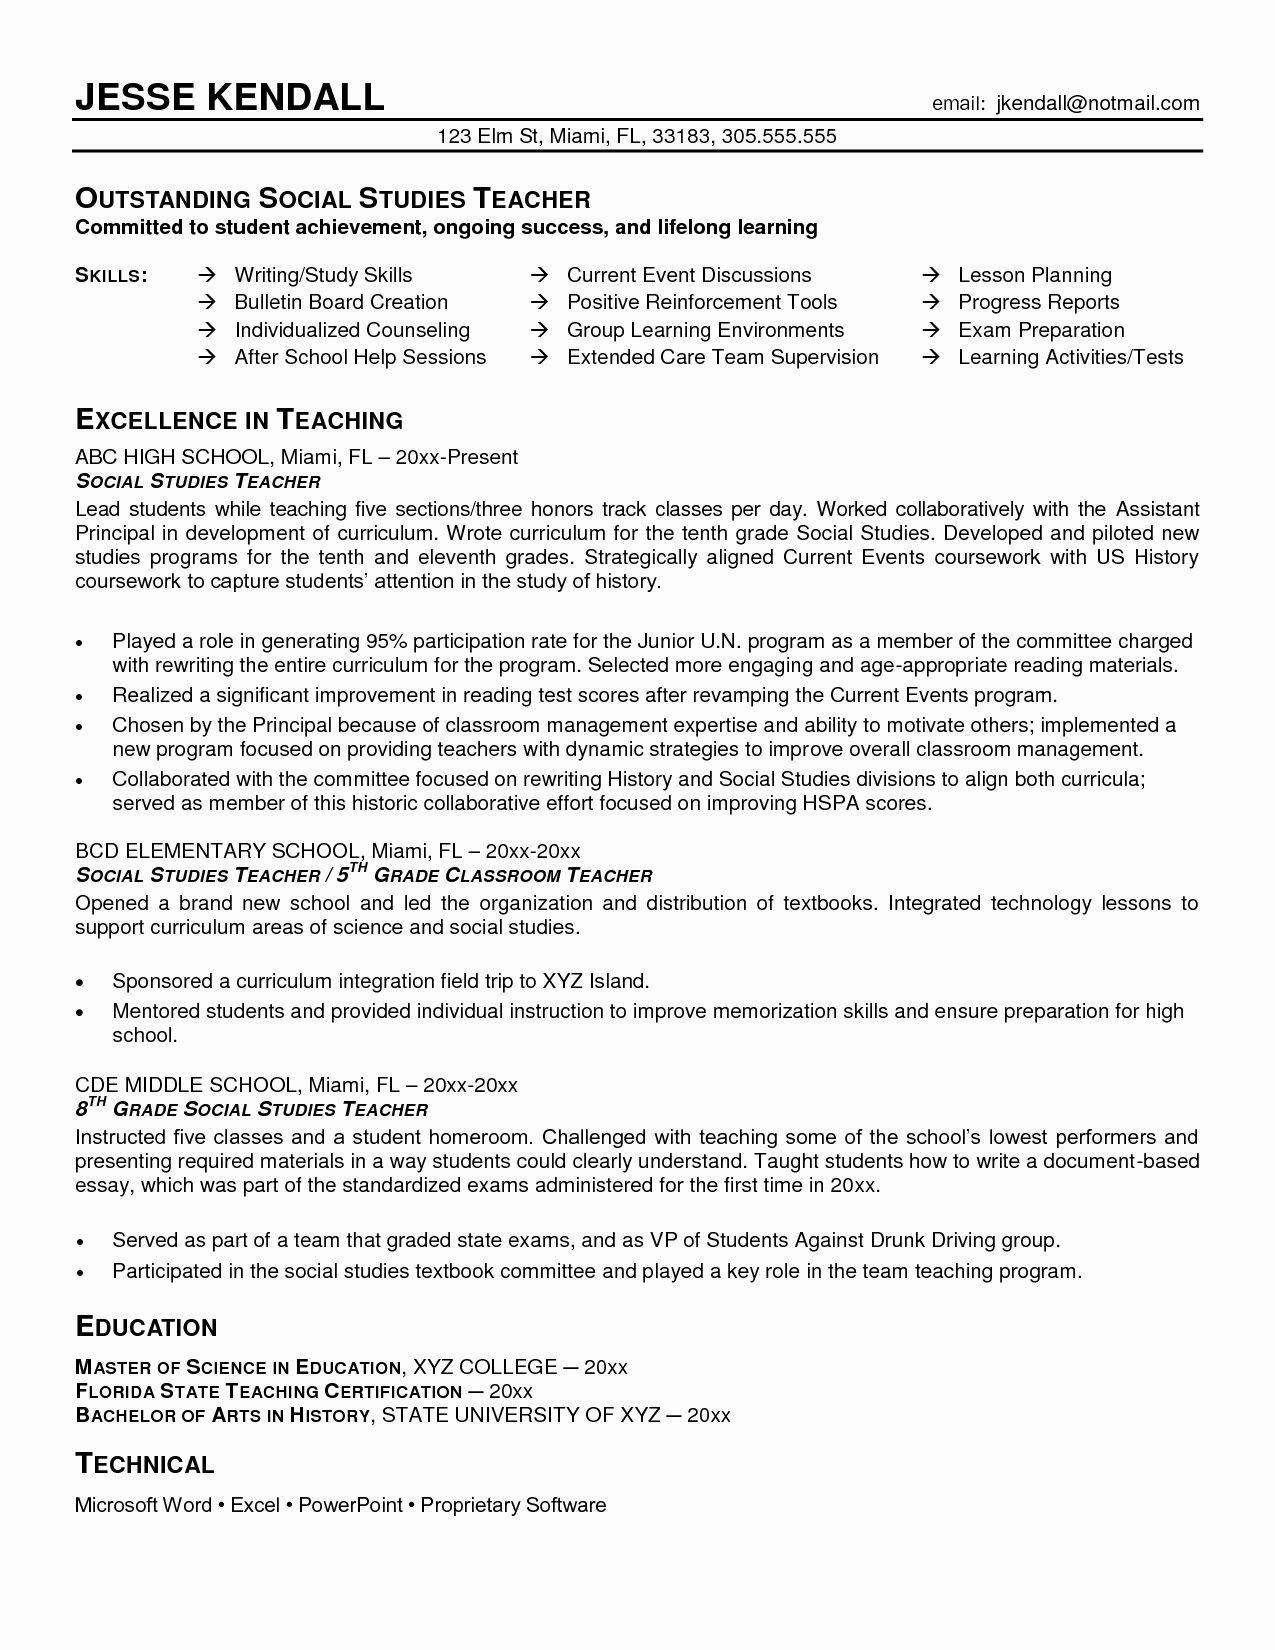 25 First Time Teacher Resume in 2020 Teacher resume